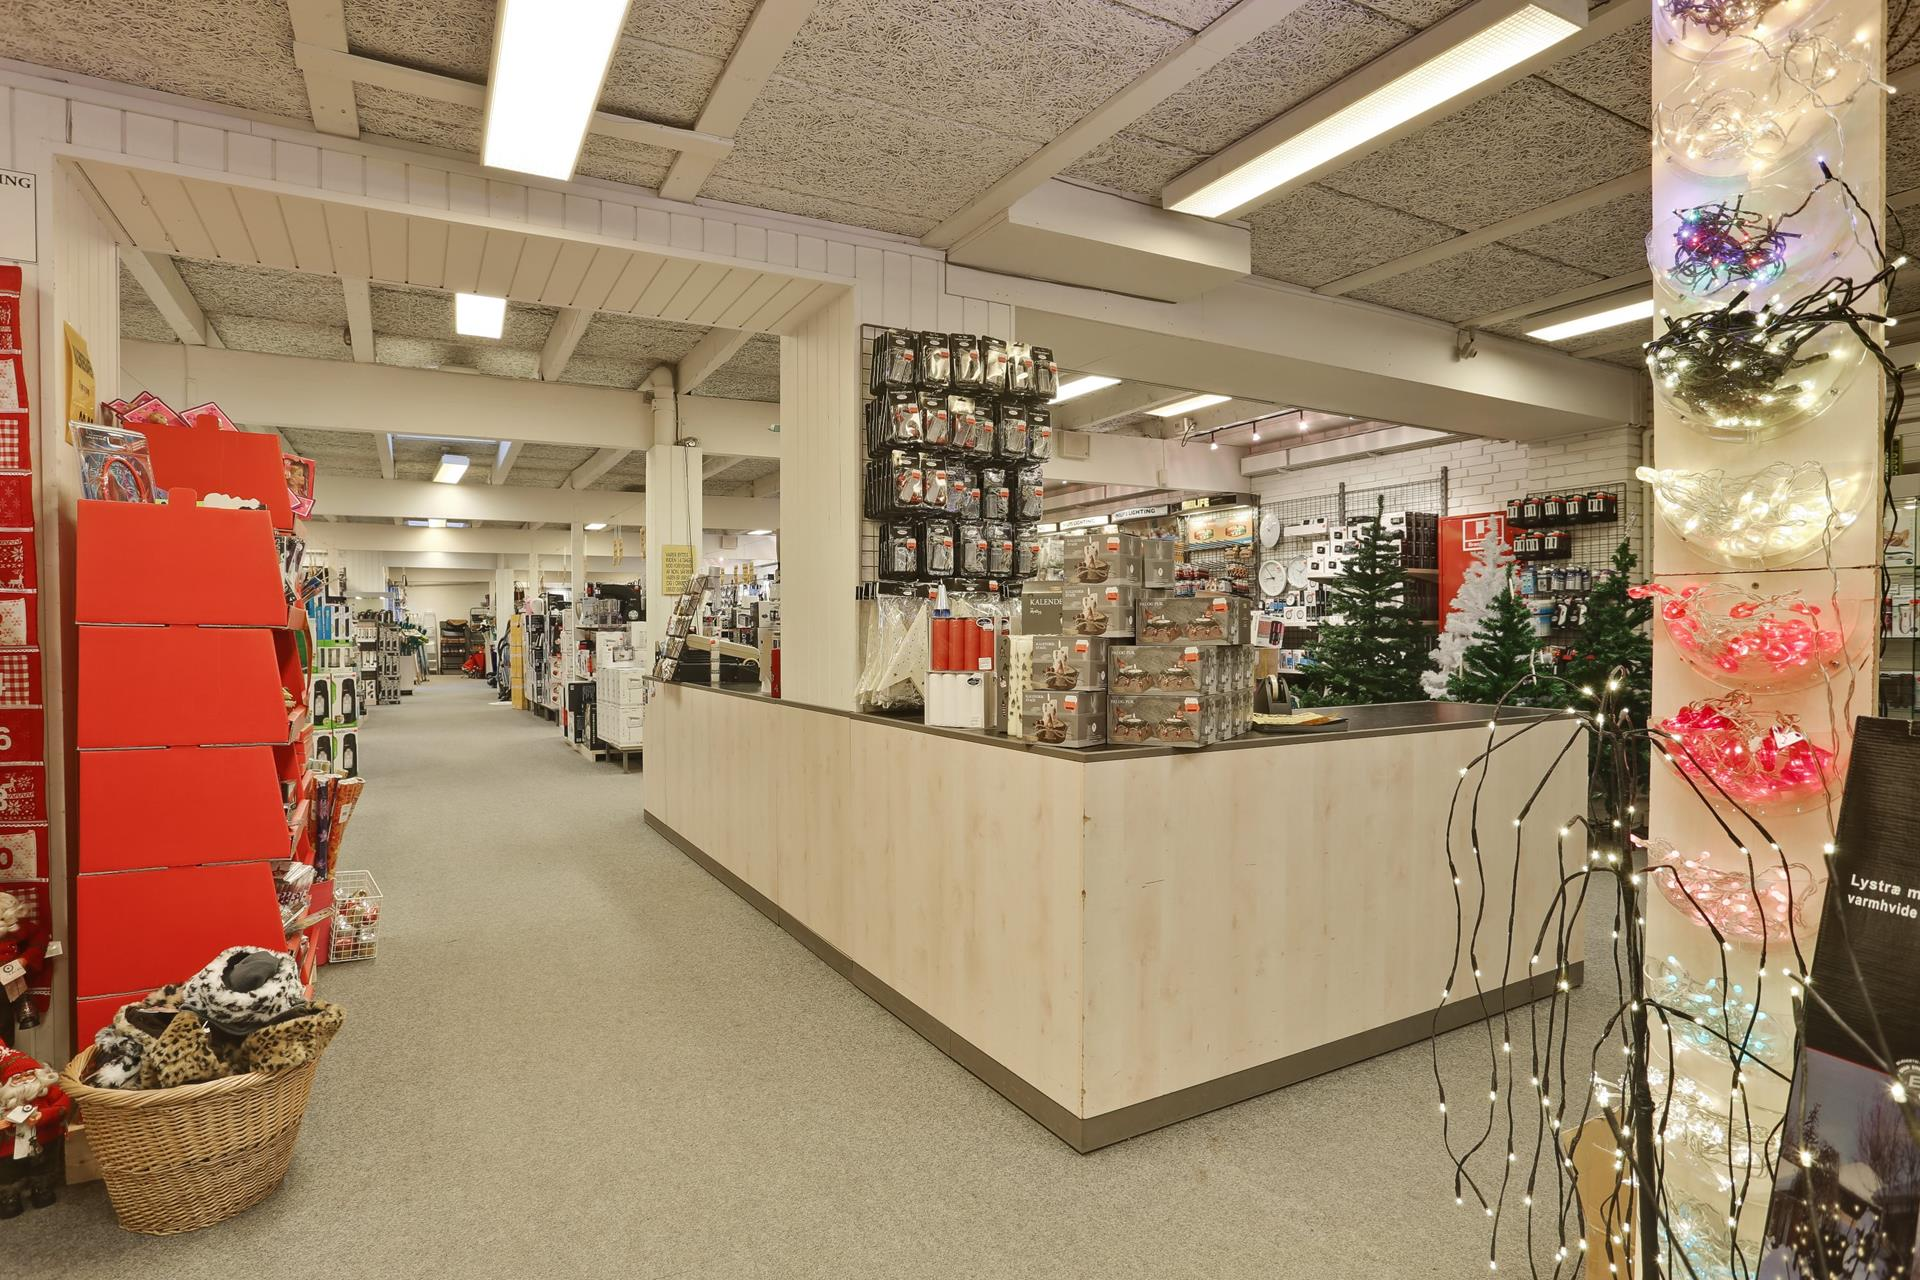 Bolig/erhverv på Sct Hansgade i Ringsted - Andet